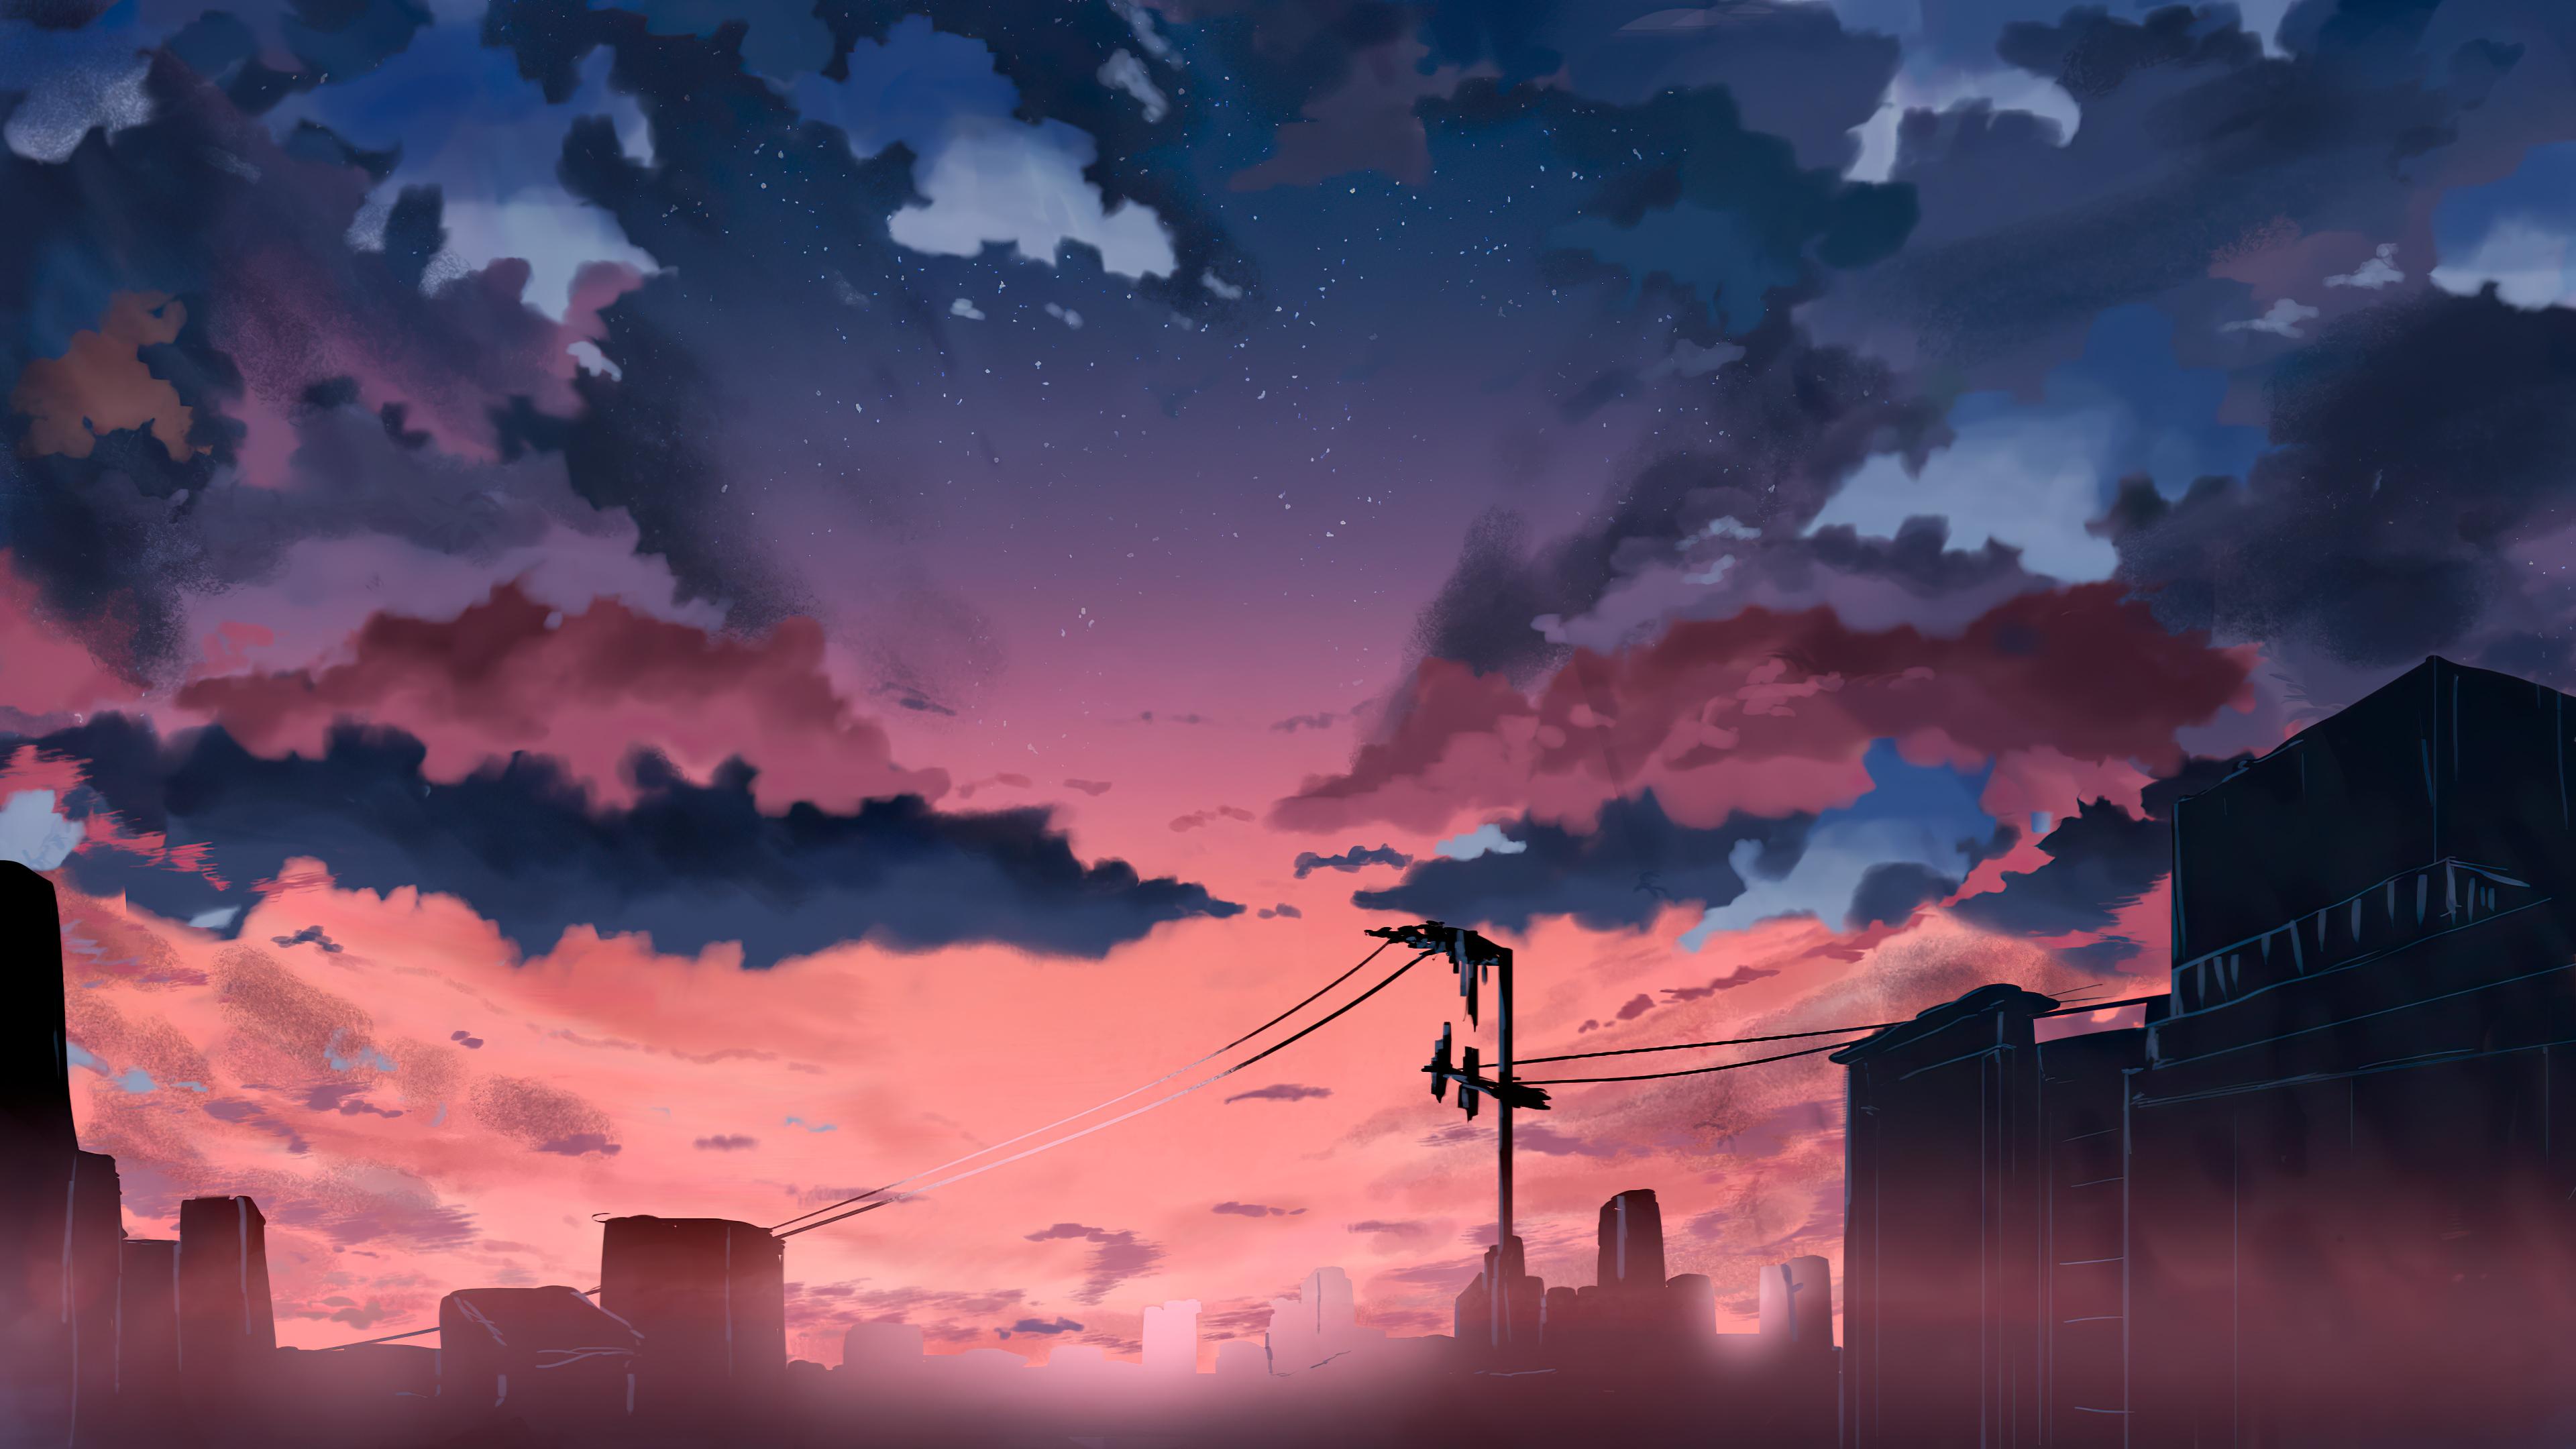 anime original cable lines 1596917238 - Anime Original Cable Lines - Anime Original Cable Lines wallpapers